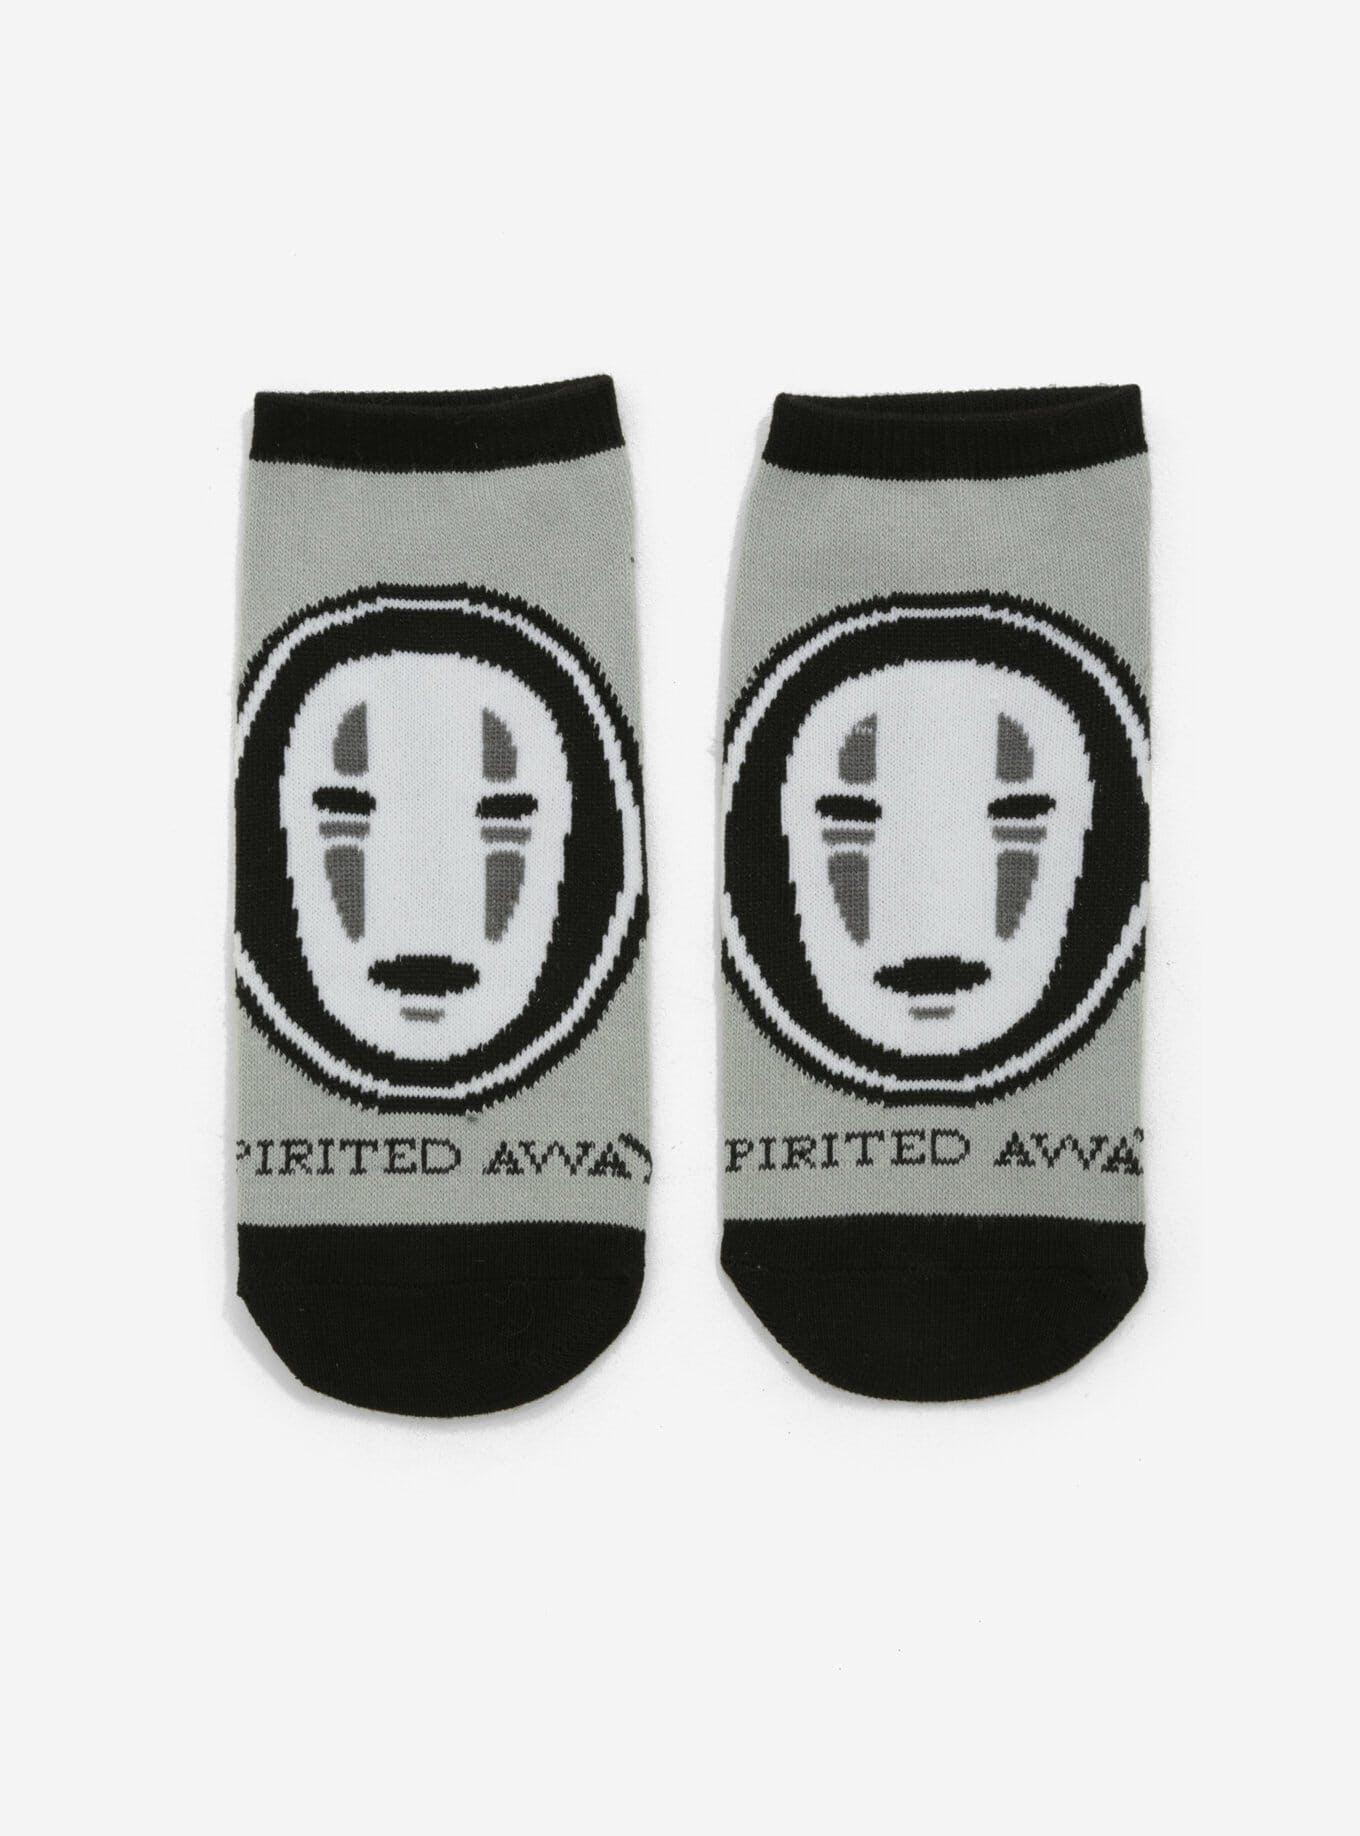 spirited away socks